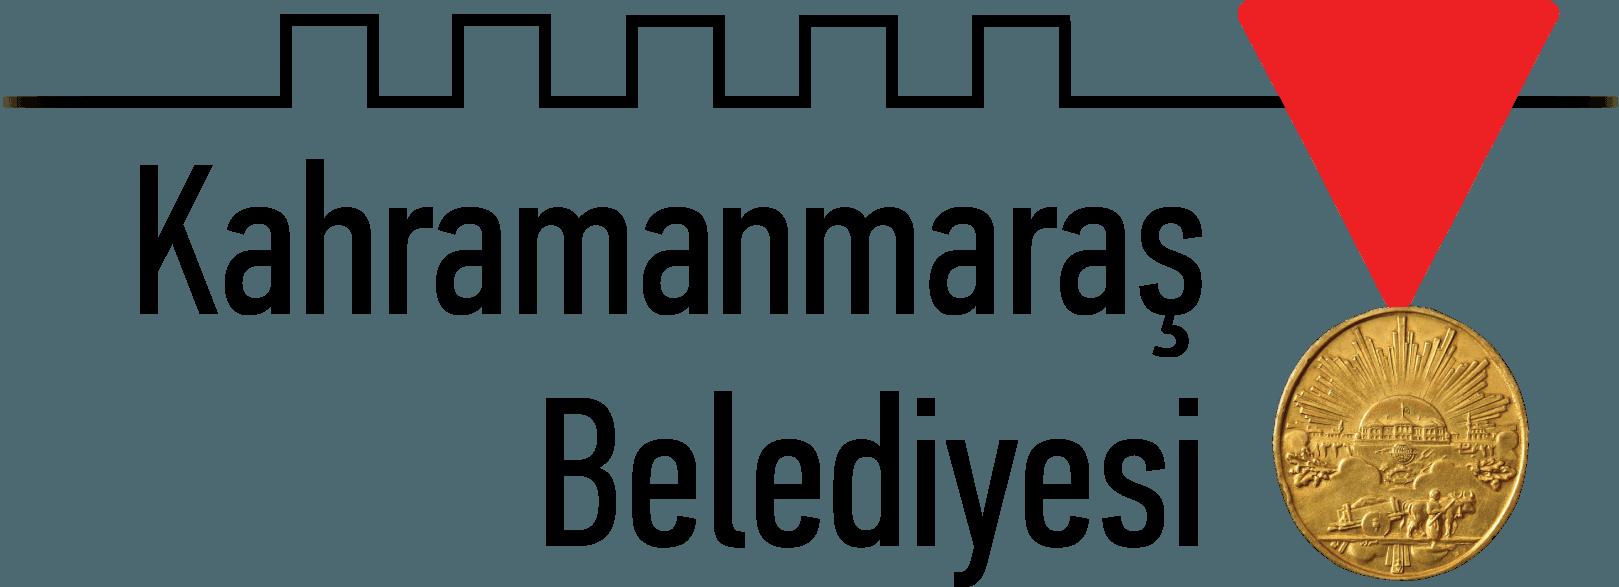 Kahramanmaraş Büyükşehir Belediyesi Logo [kahramanmaras.bel.tr] png